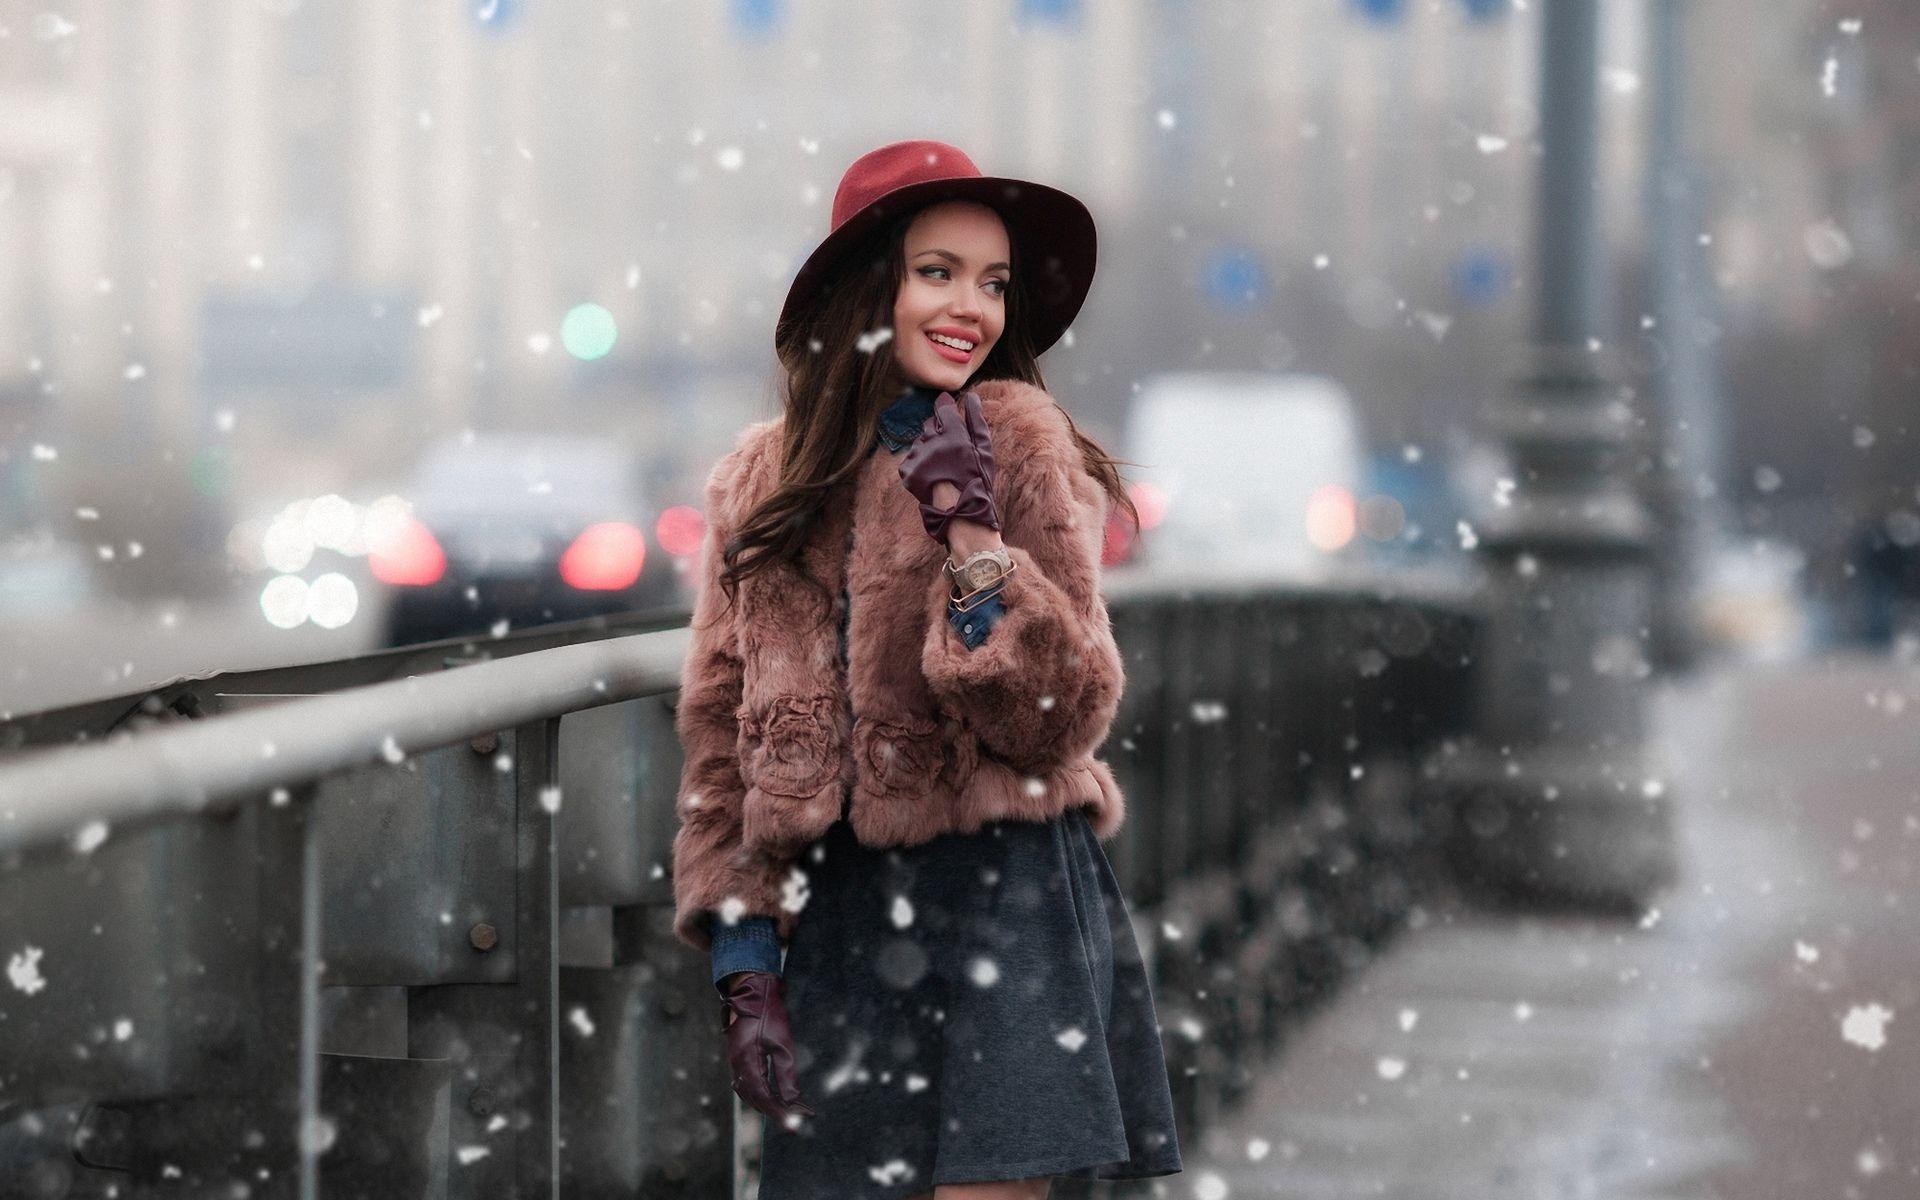 позитивные открытки фото на улице зимой в городе меню приложений ищите